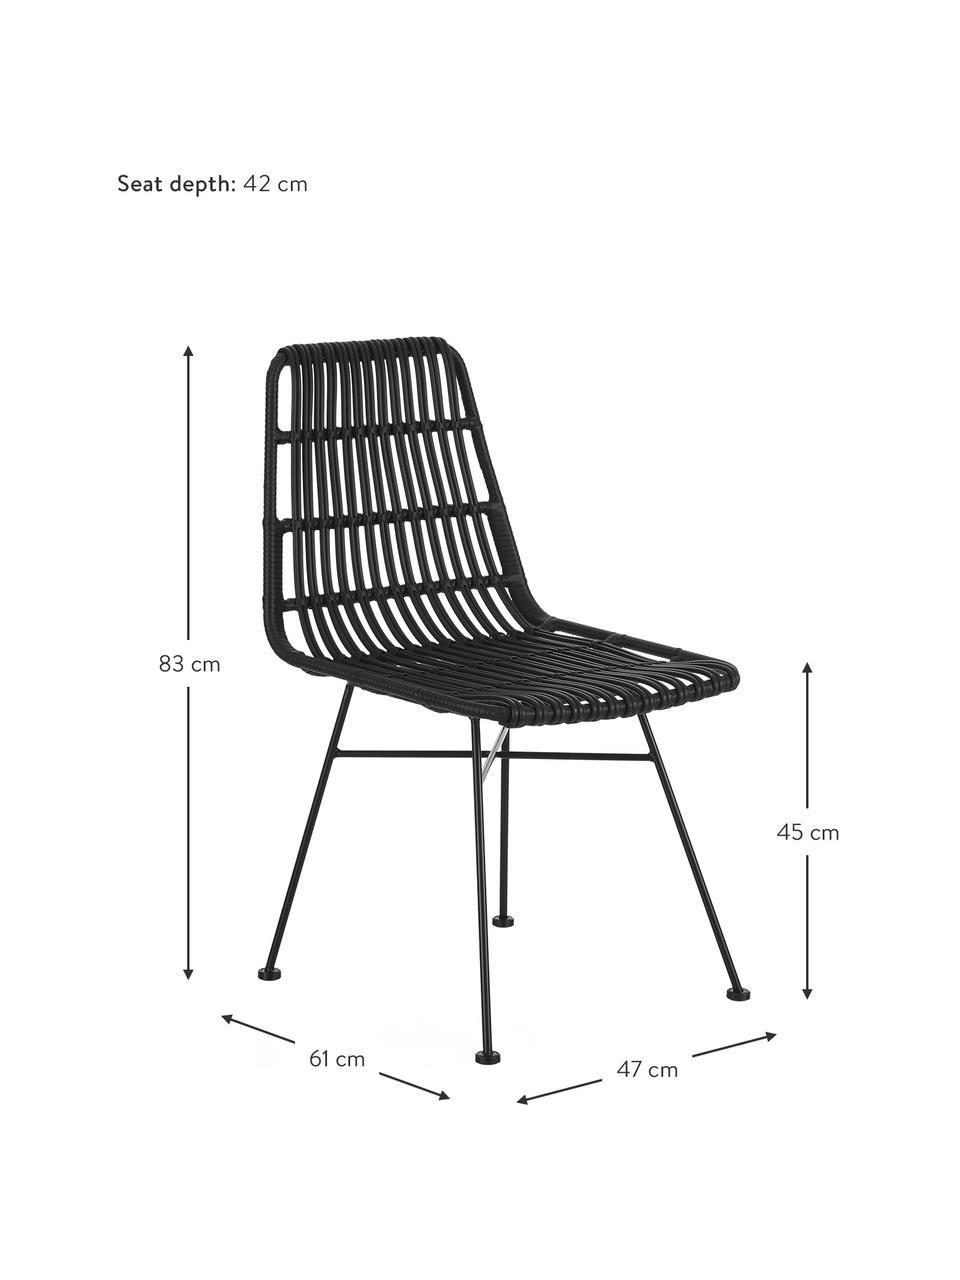 Sedia intrecciata Costa 2 pz, Seduta: intreccio in polietilene, Struttura: metallo verniciato a polv, Nero, Larg. 47 x Prof. 61 cm